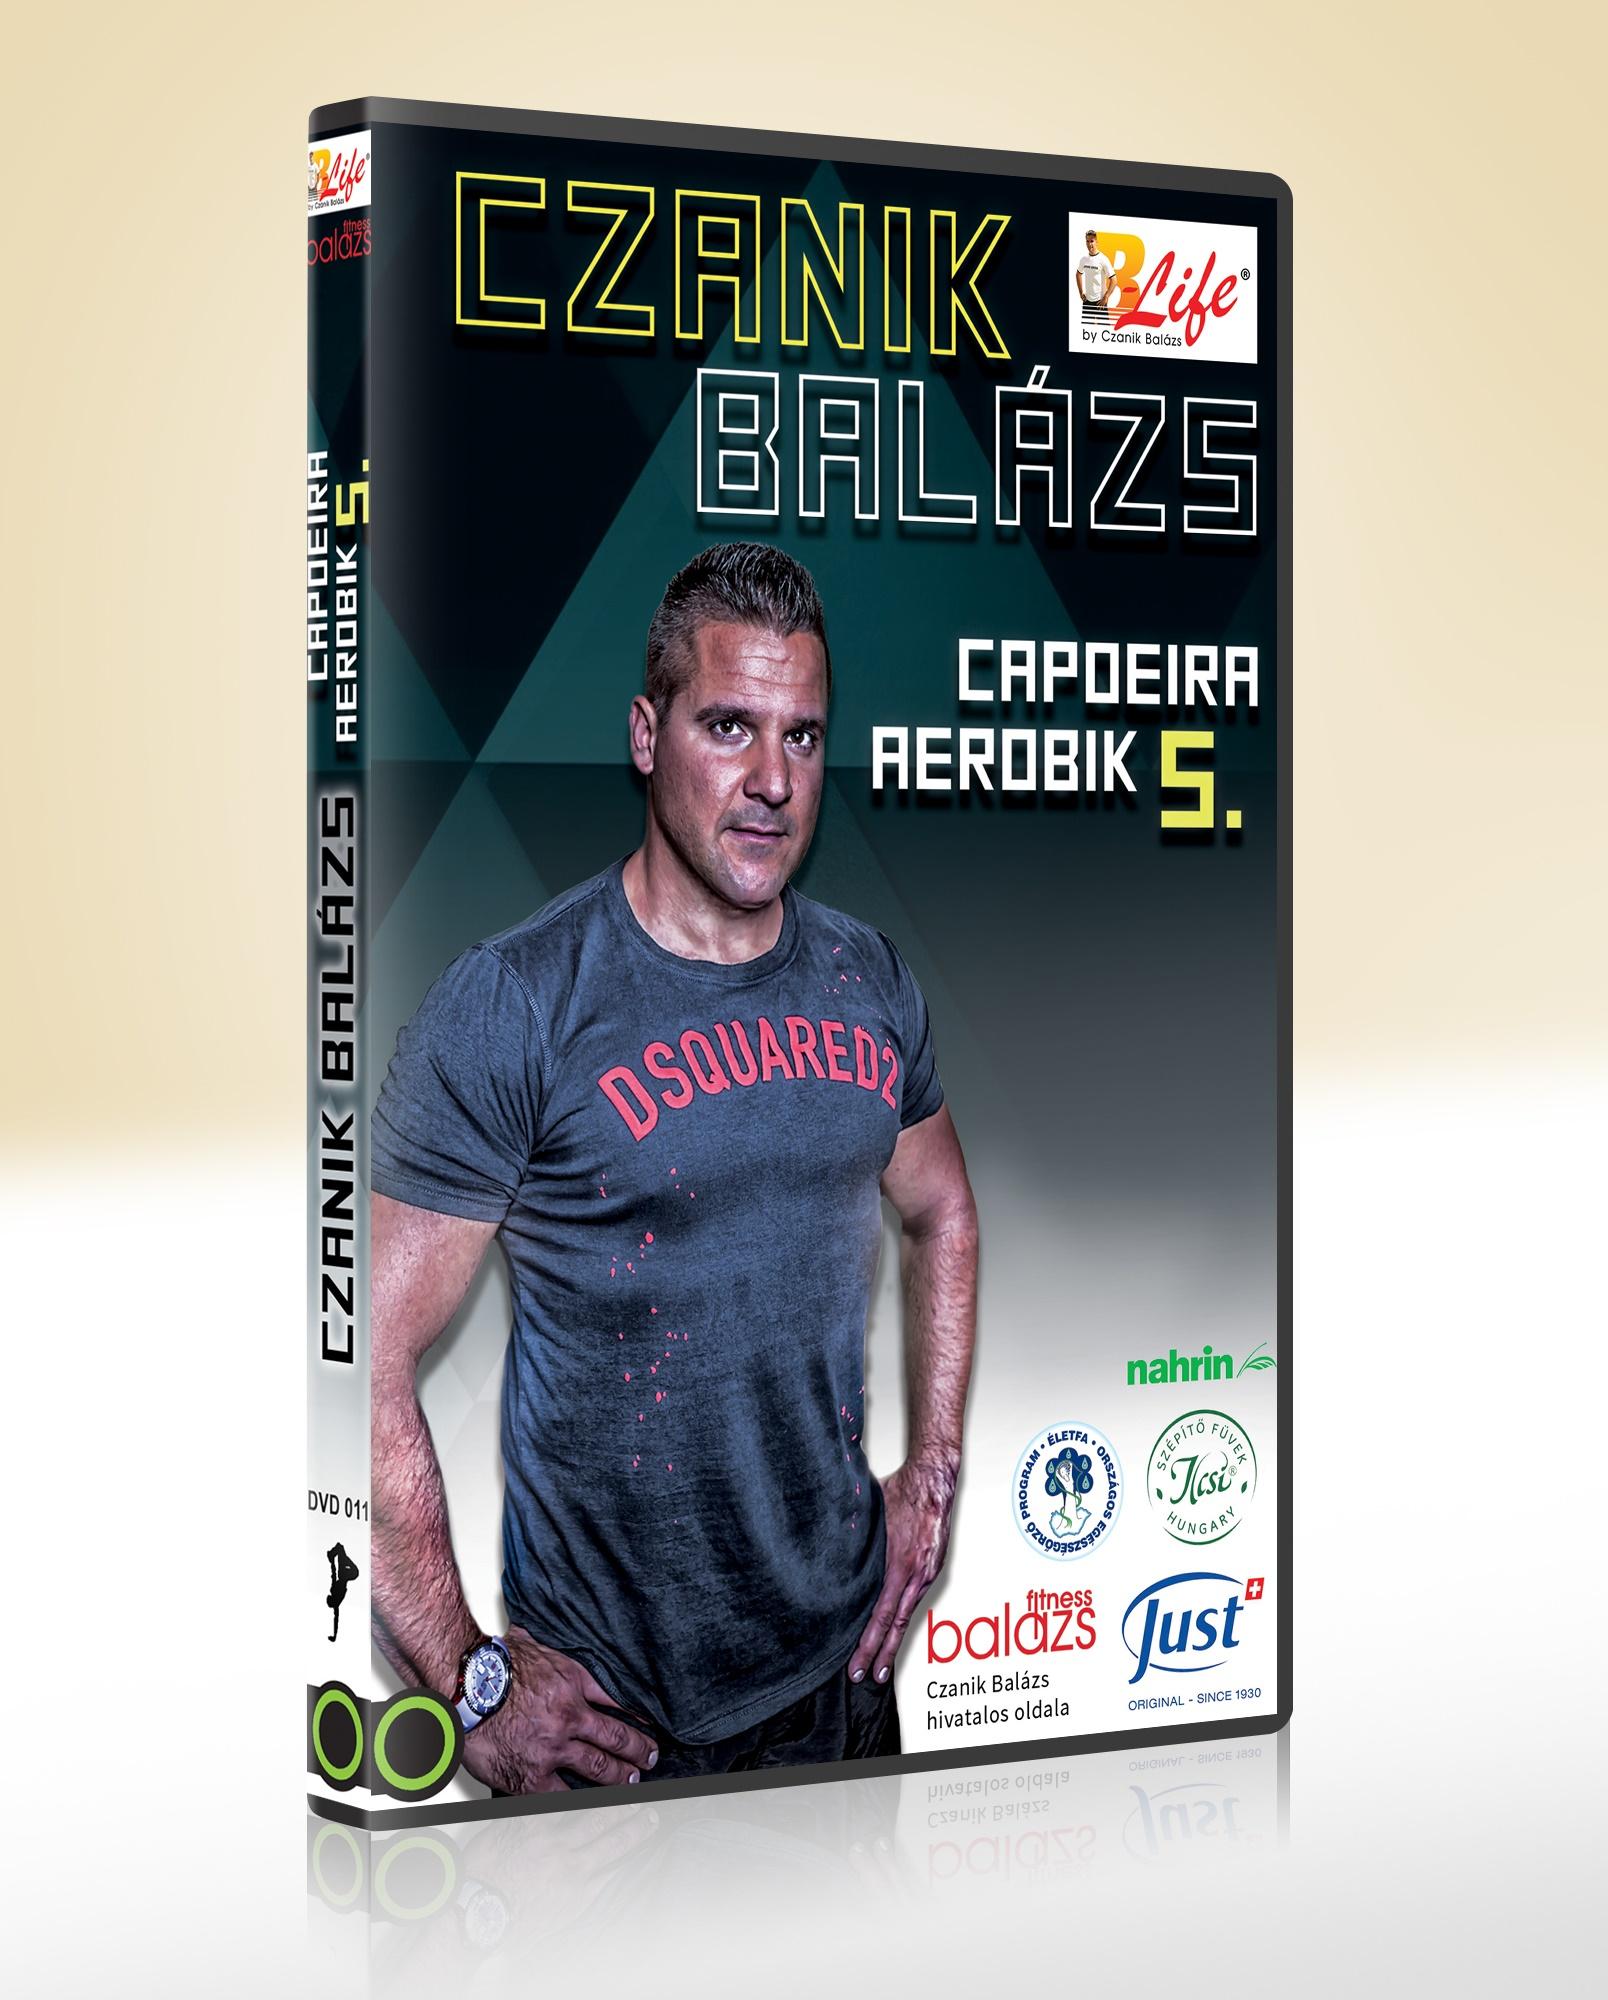 Capoeira aerobik 5. - DVD